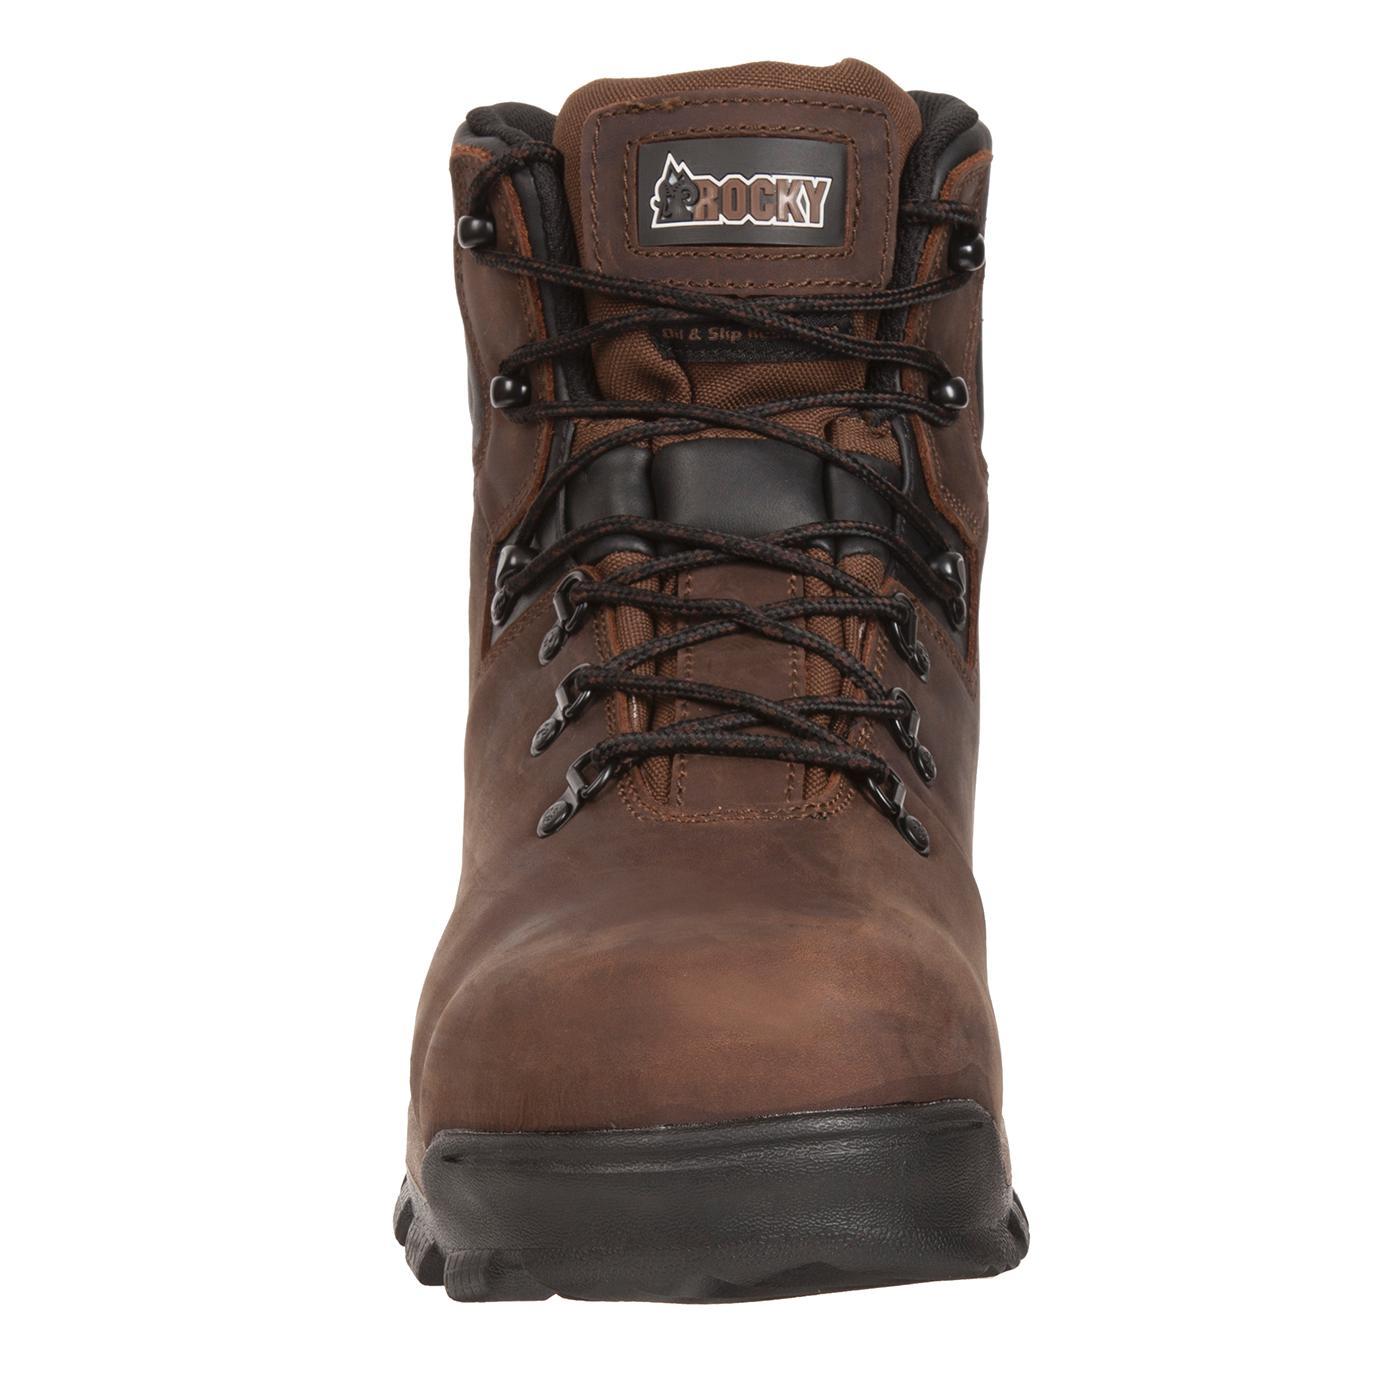 Rocky Core: Men's Waterproof Hiking Work Boots, style #2421